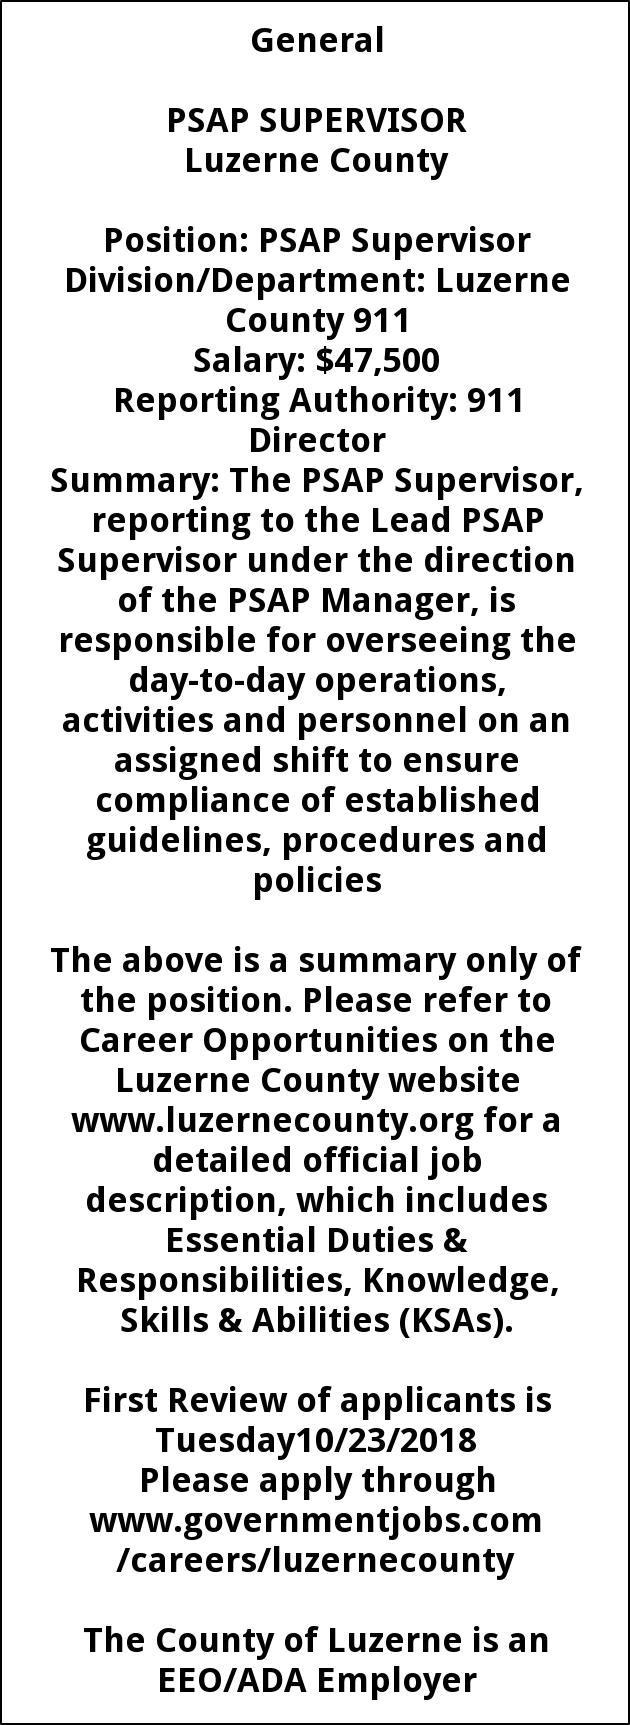 PSAP Supervisor